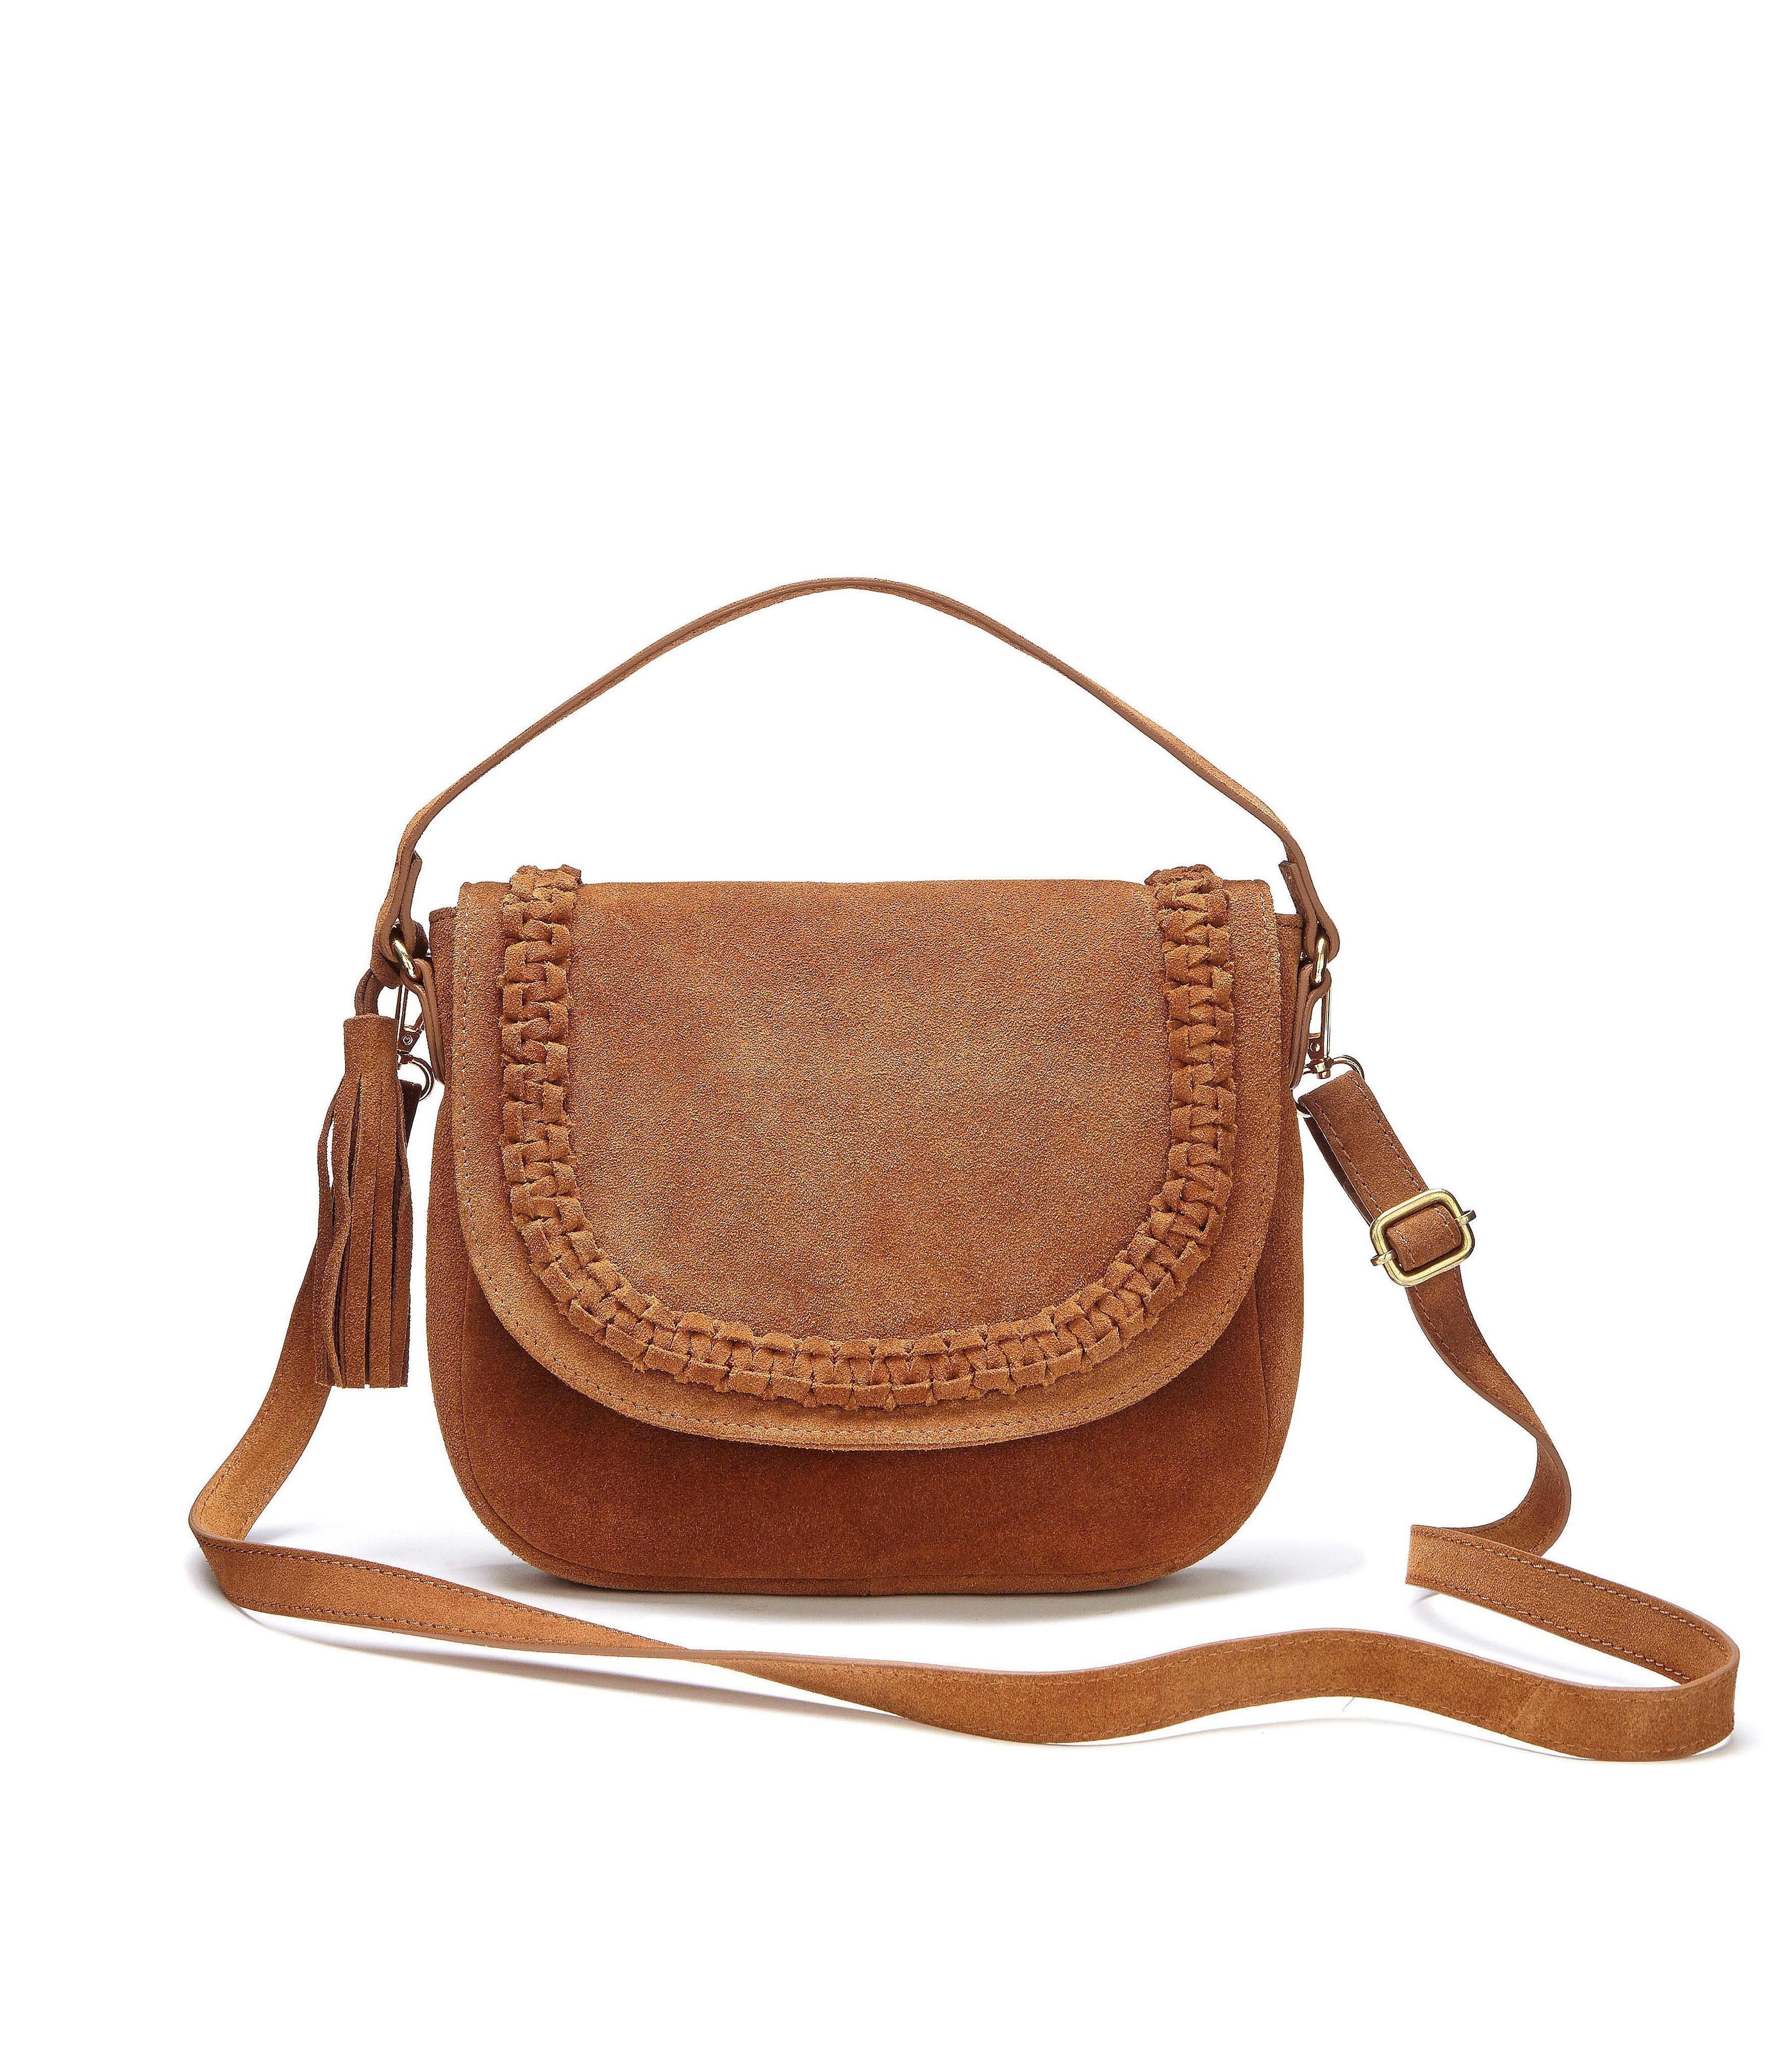 LASCANA Umhängetasche, aus Leder mit Tassel kaufen | OTTO